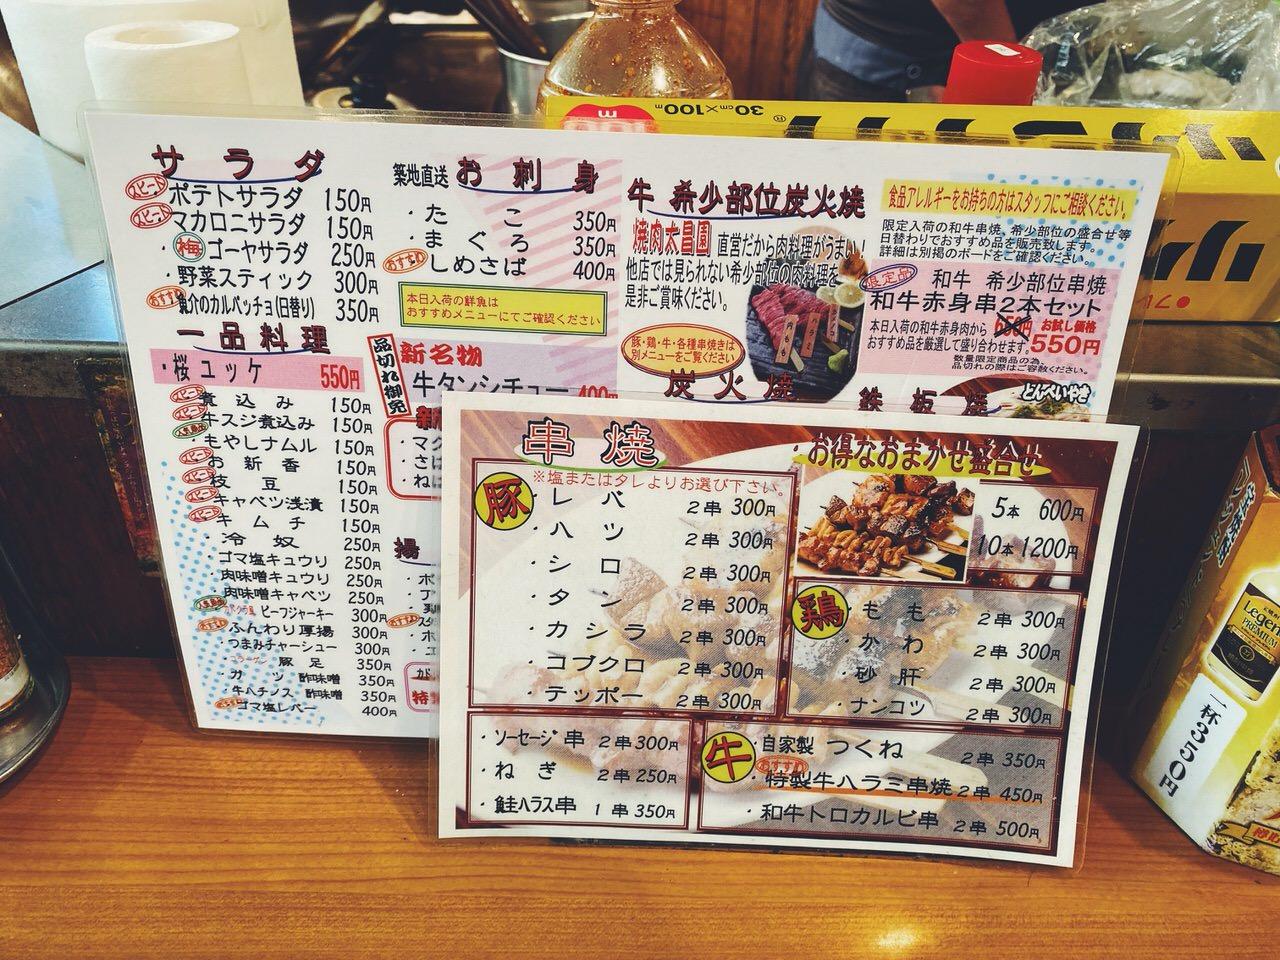 上野で立ち飲み「カドクラ」5